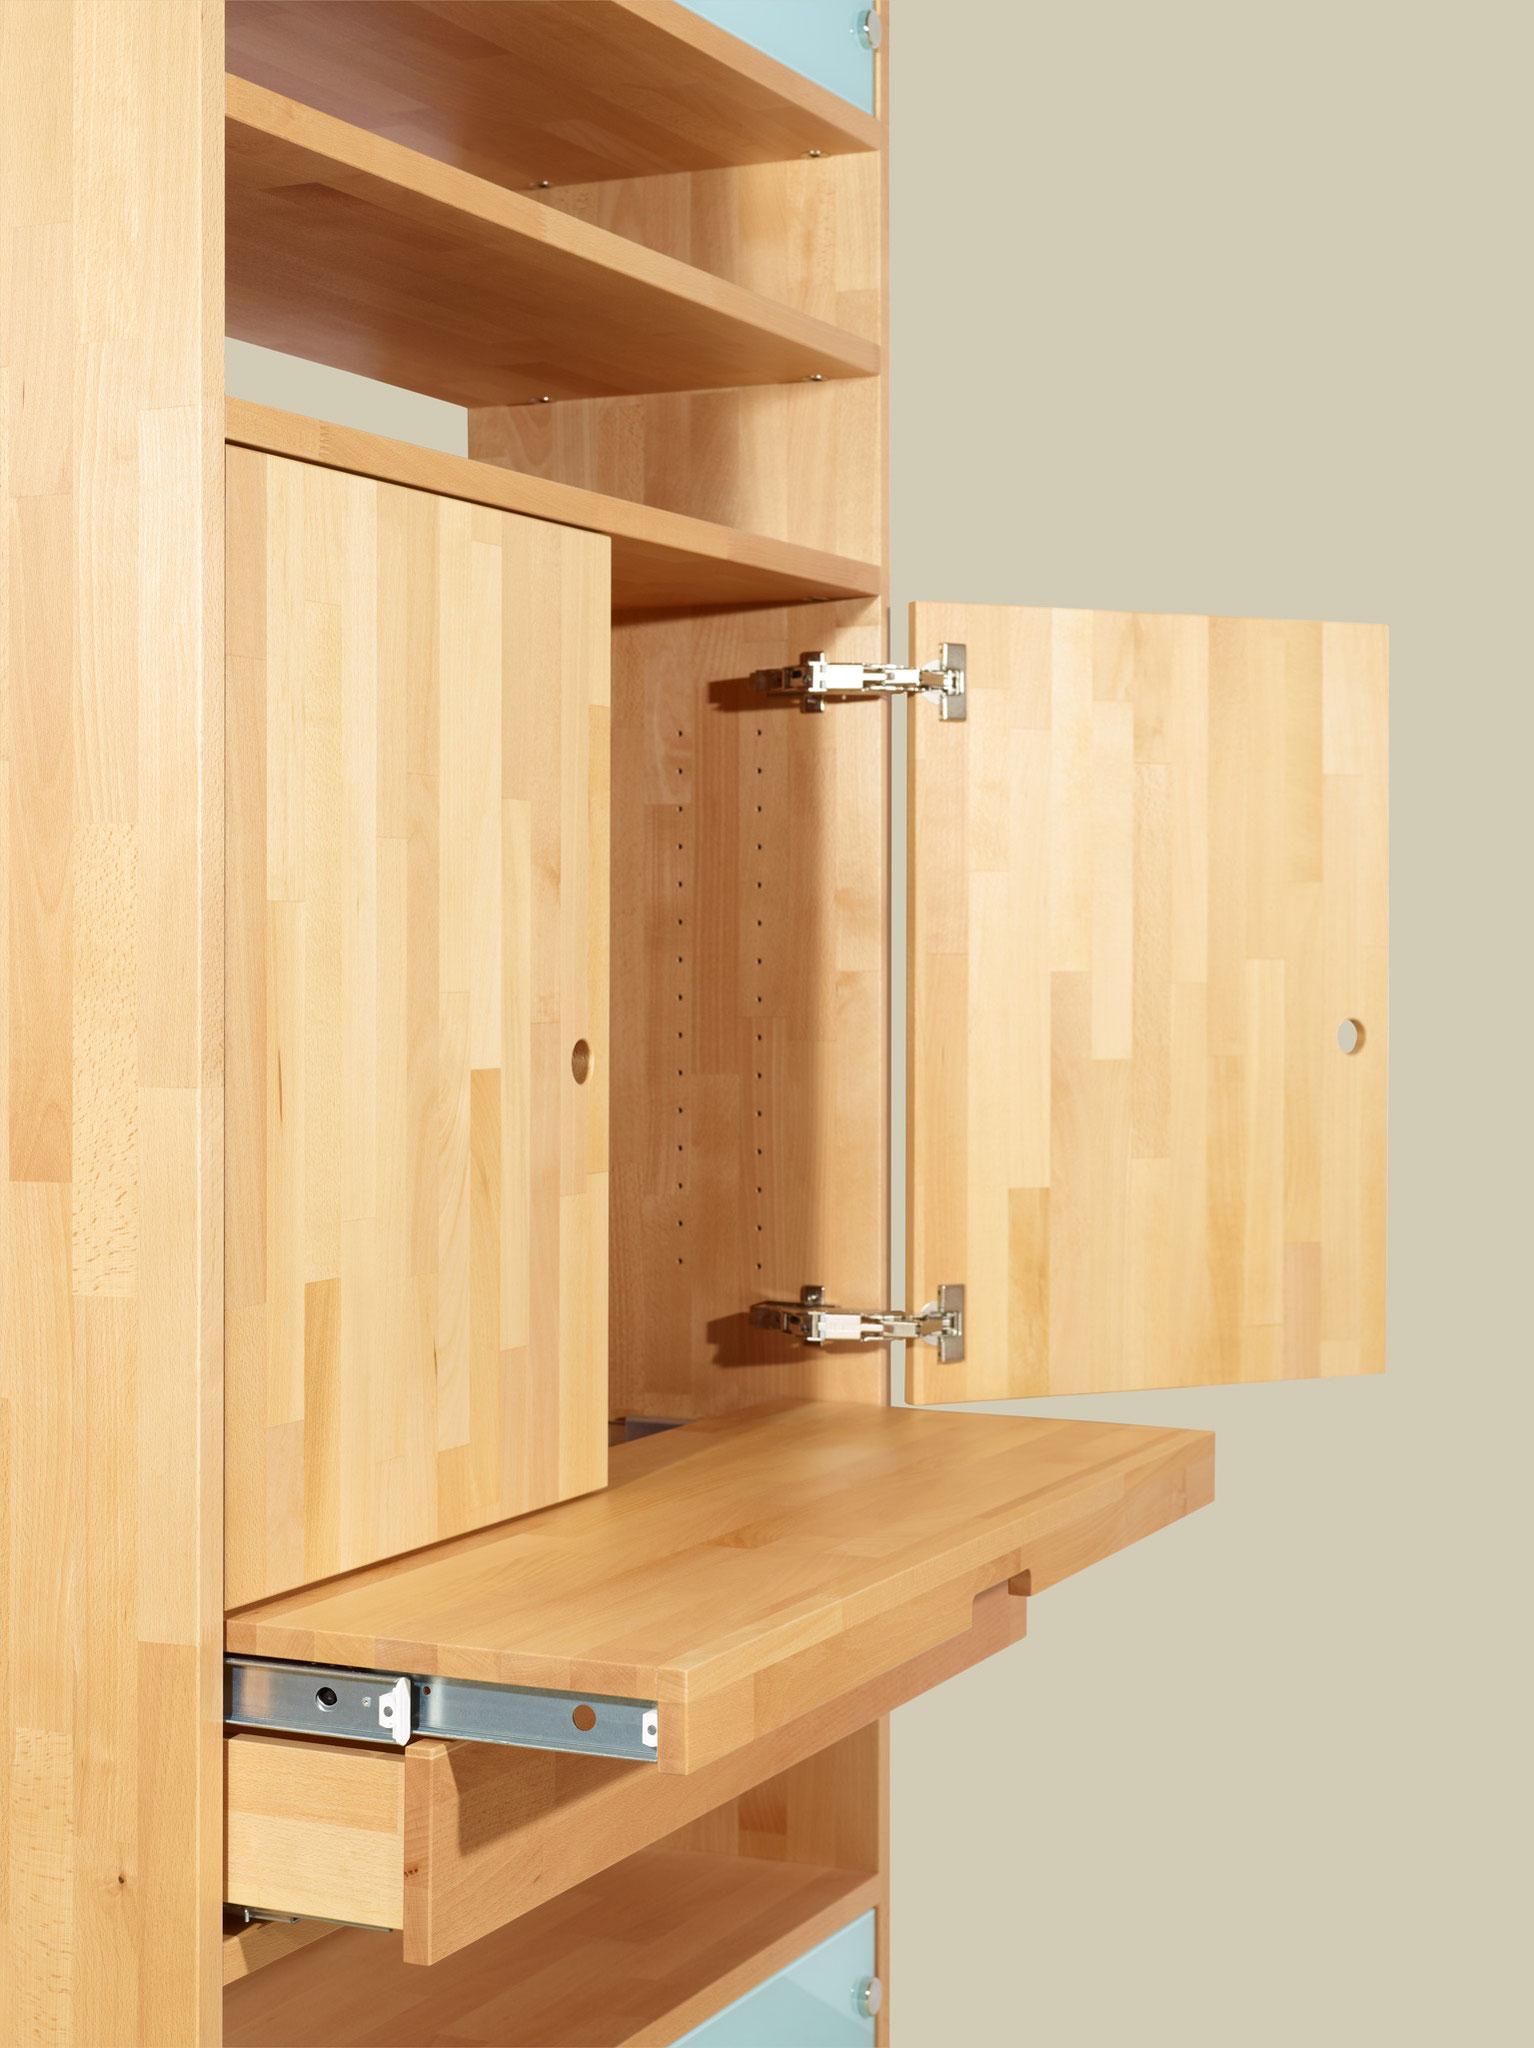 Regale Buchregale Raumteiler Einbauregal - buchenblau – Möbel